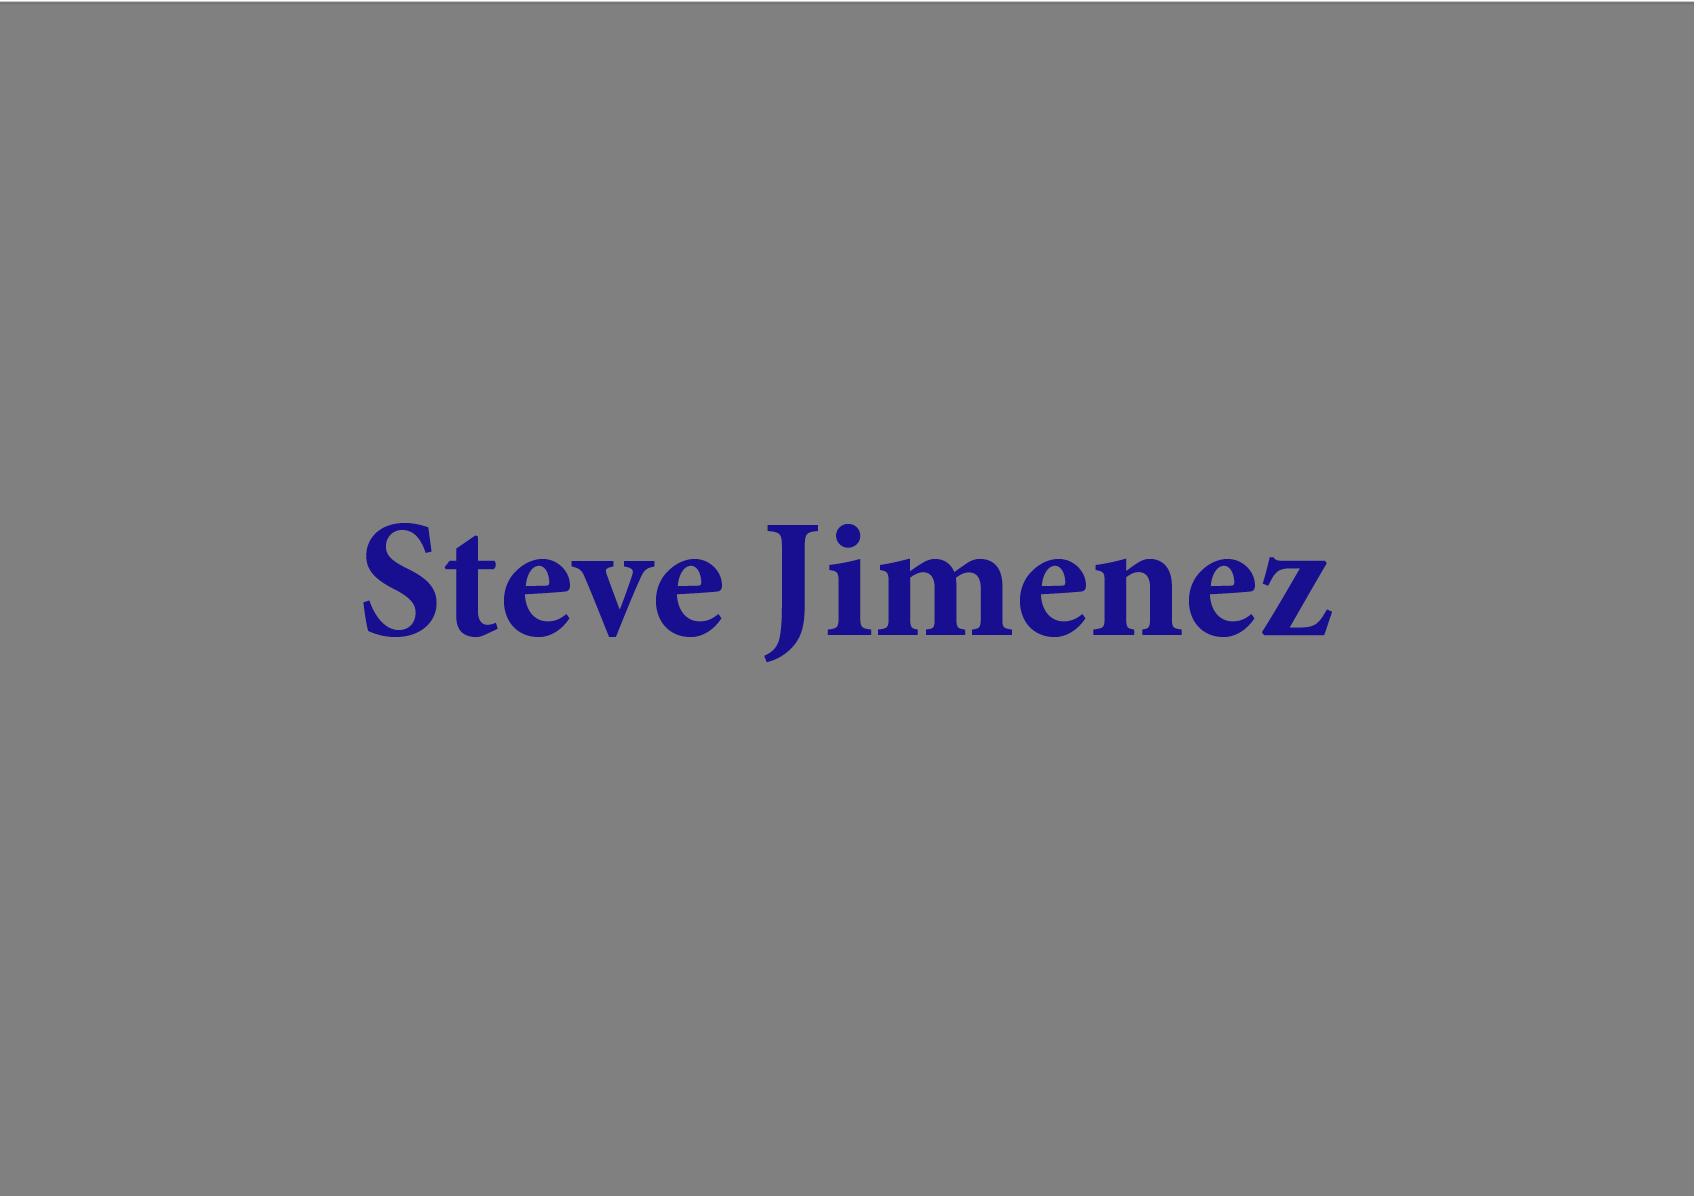 Steve jimenez.png